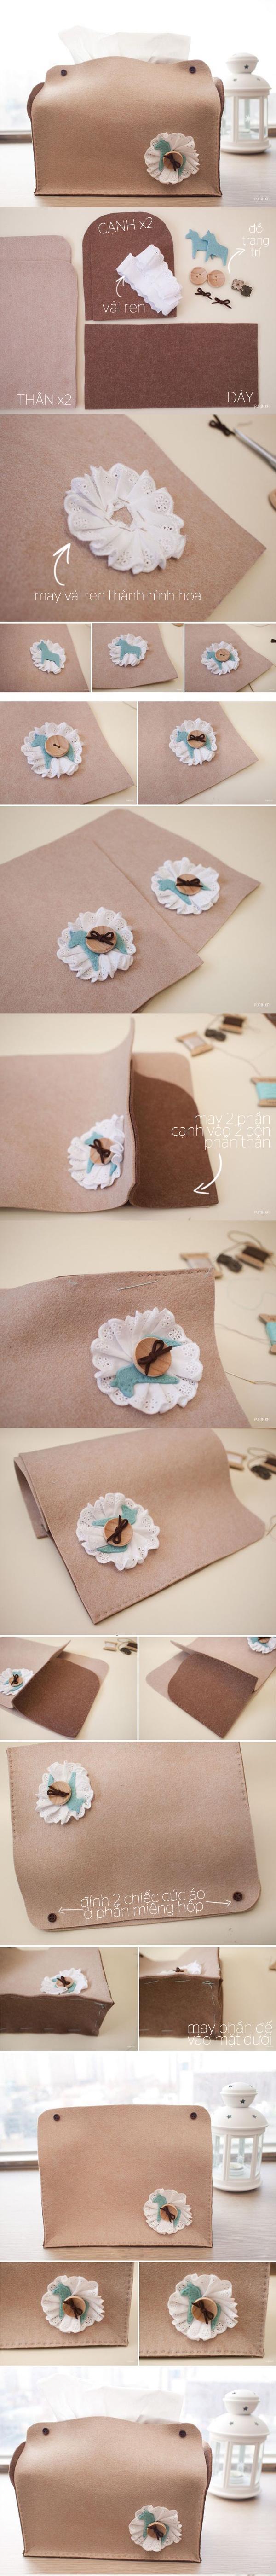 3 kiểu sáng tạo hay ho đơn giản cho chiếc hộp đựng khăn giấy 2